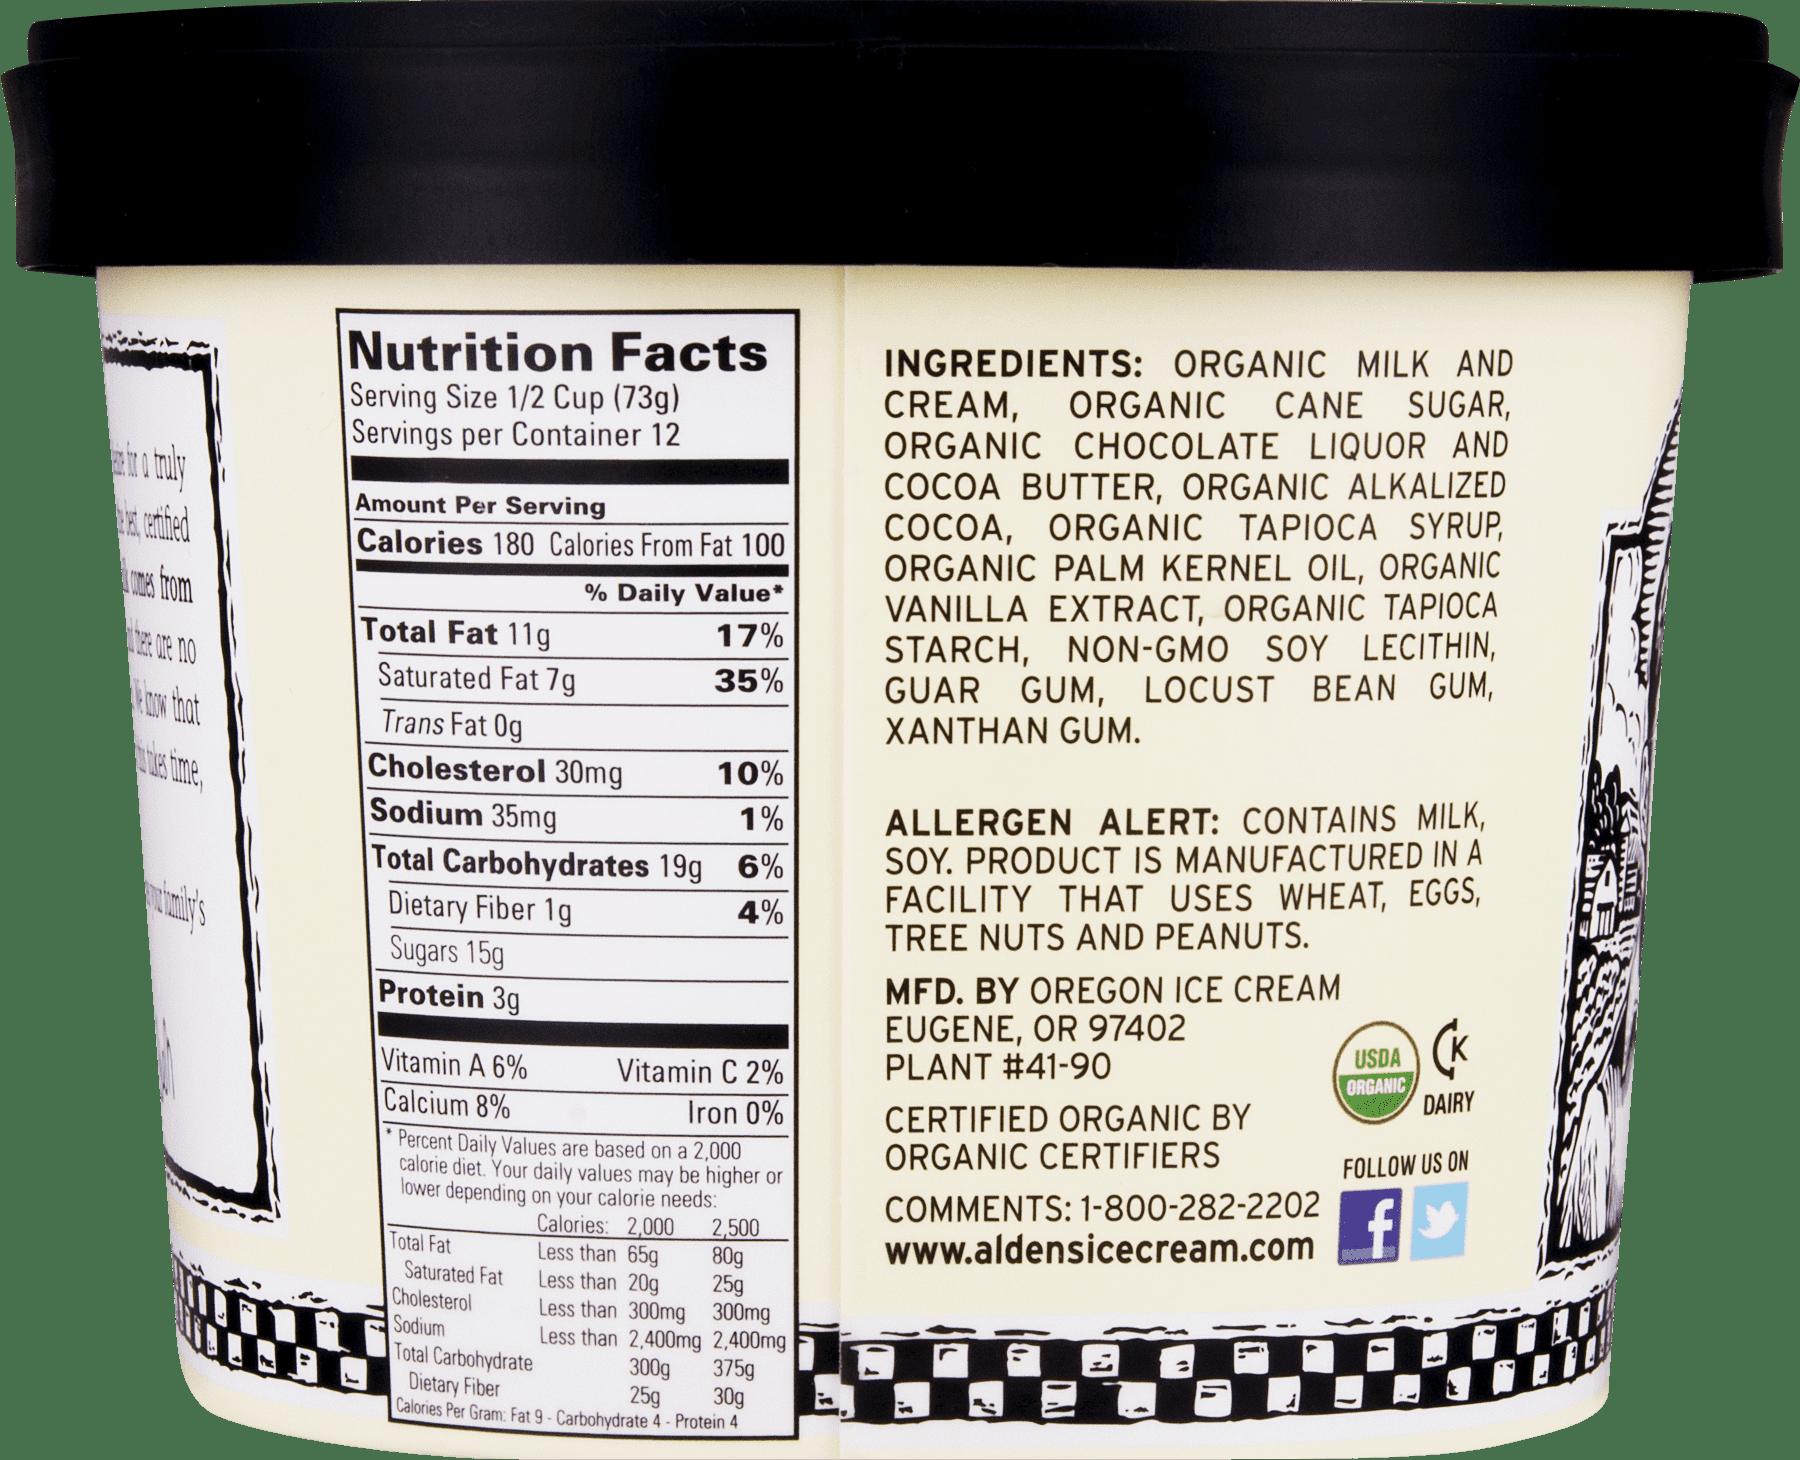 Oregon Ice Cream Aldens Organic Ice Cream, 1 5 qt - Walmart com